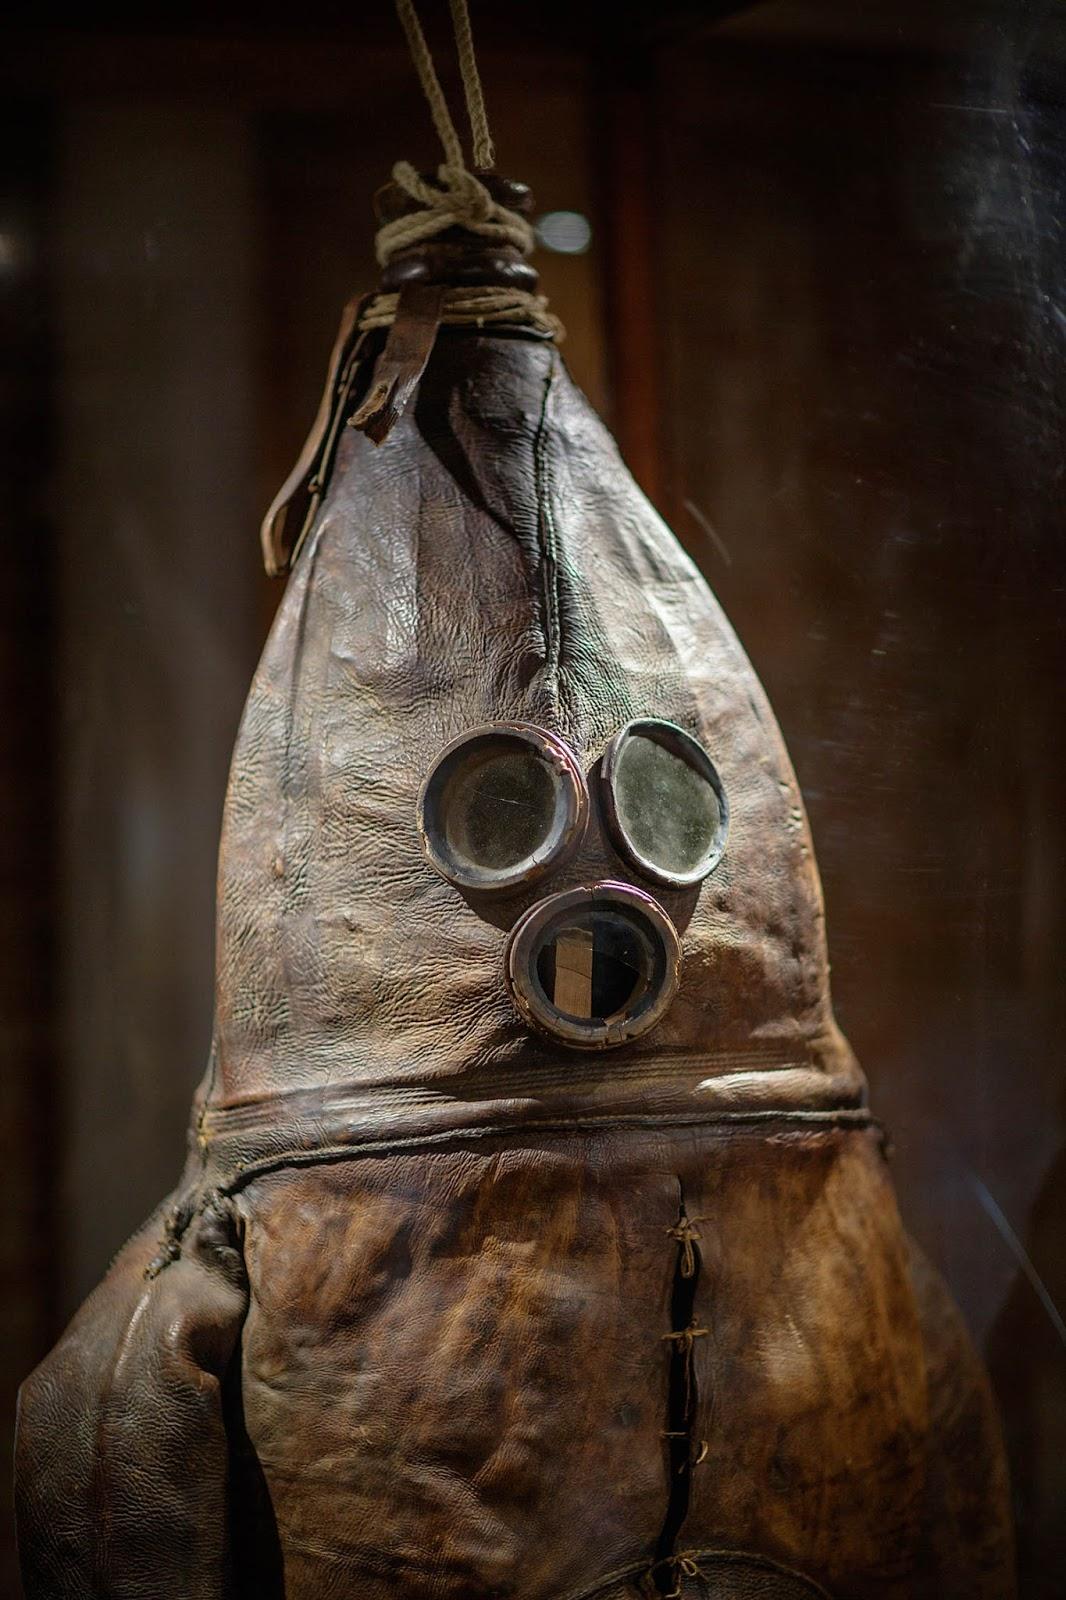 старик из раахе самый старый водолазный костюм старый господин из раахе